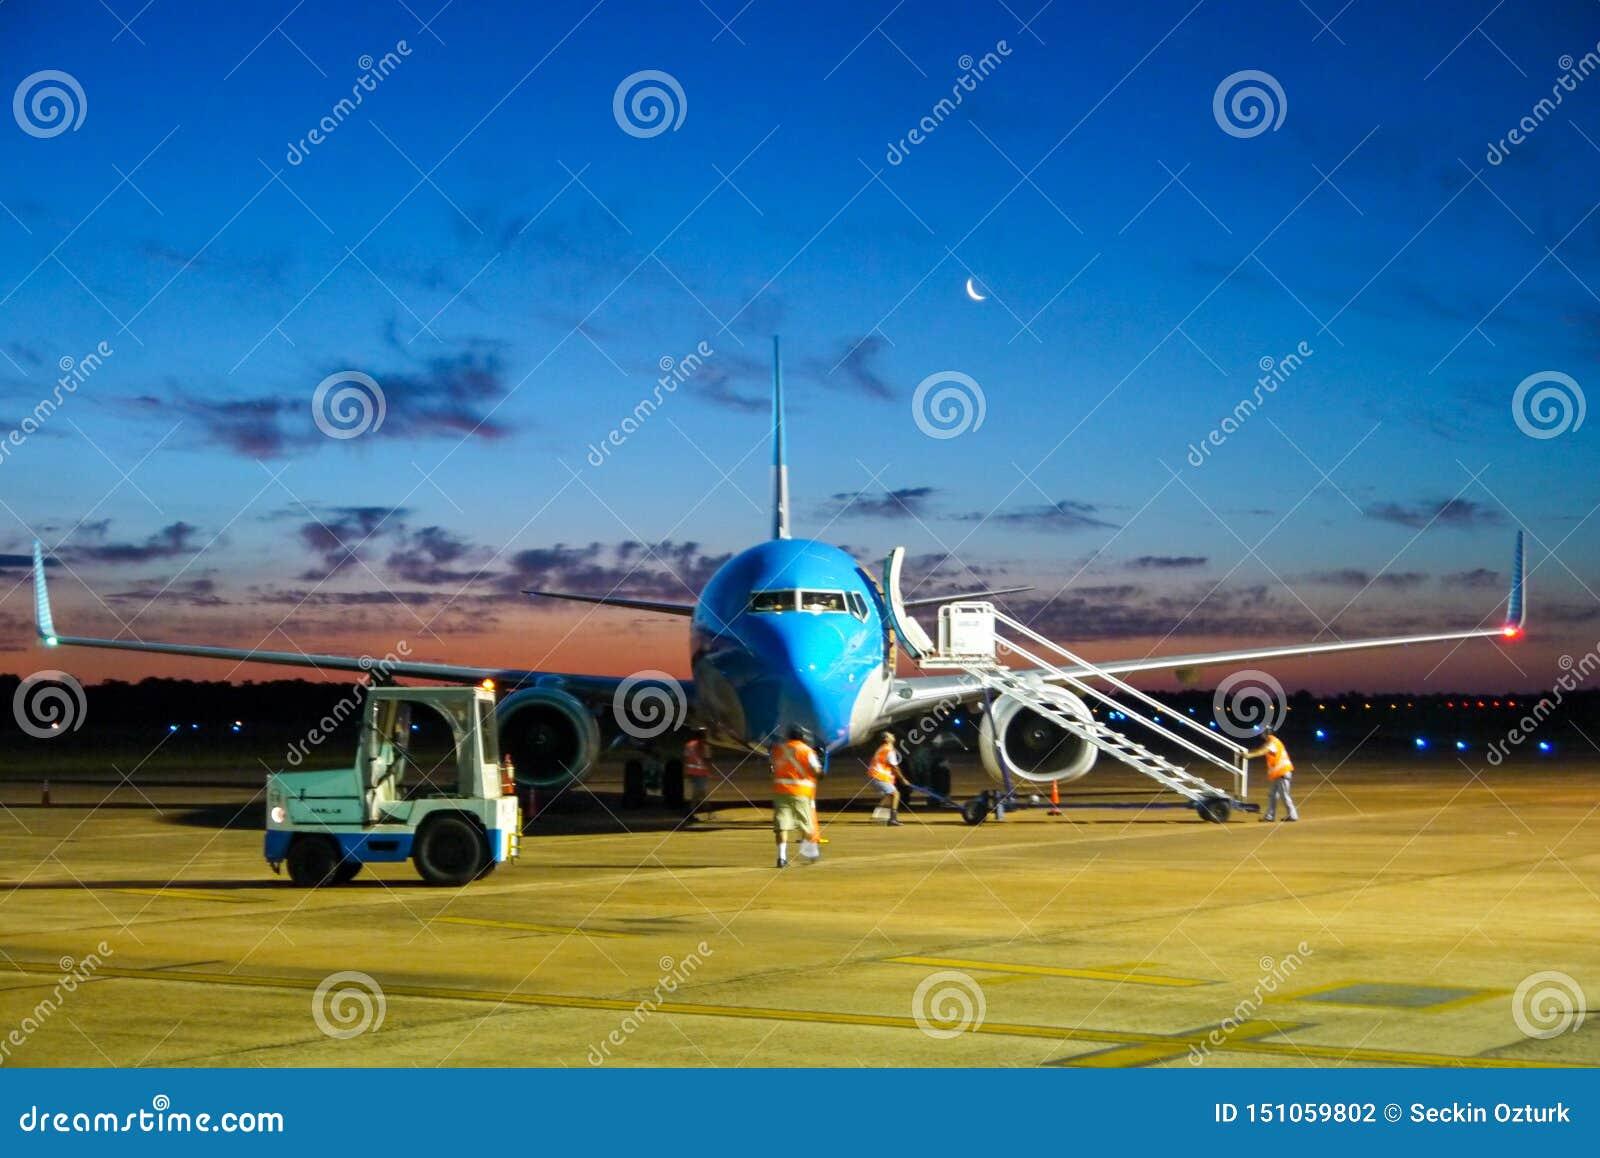 Samolotowy parking przy lotniskiem